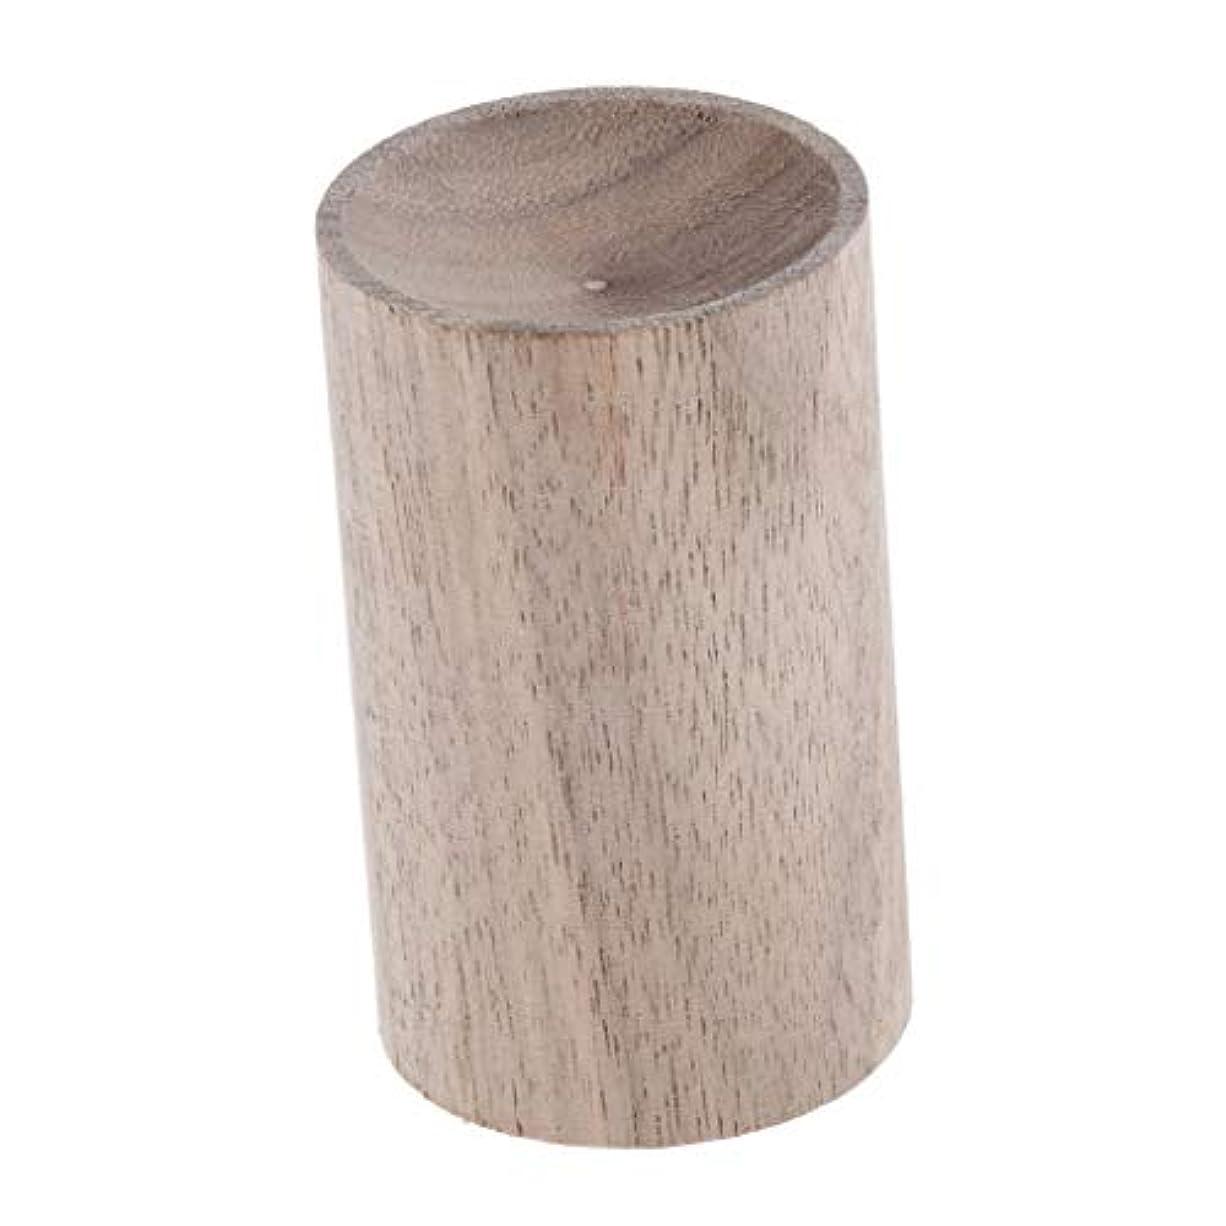 小間正統派軍団天然木 エアフレッシュナー エッセンシャルオイル 香水 アロマディフューザー 使いやすい 2種選ぶ - 02, 3.2cm